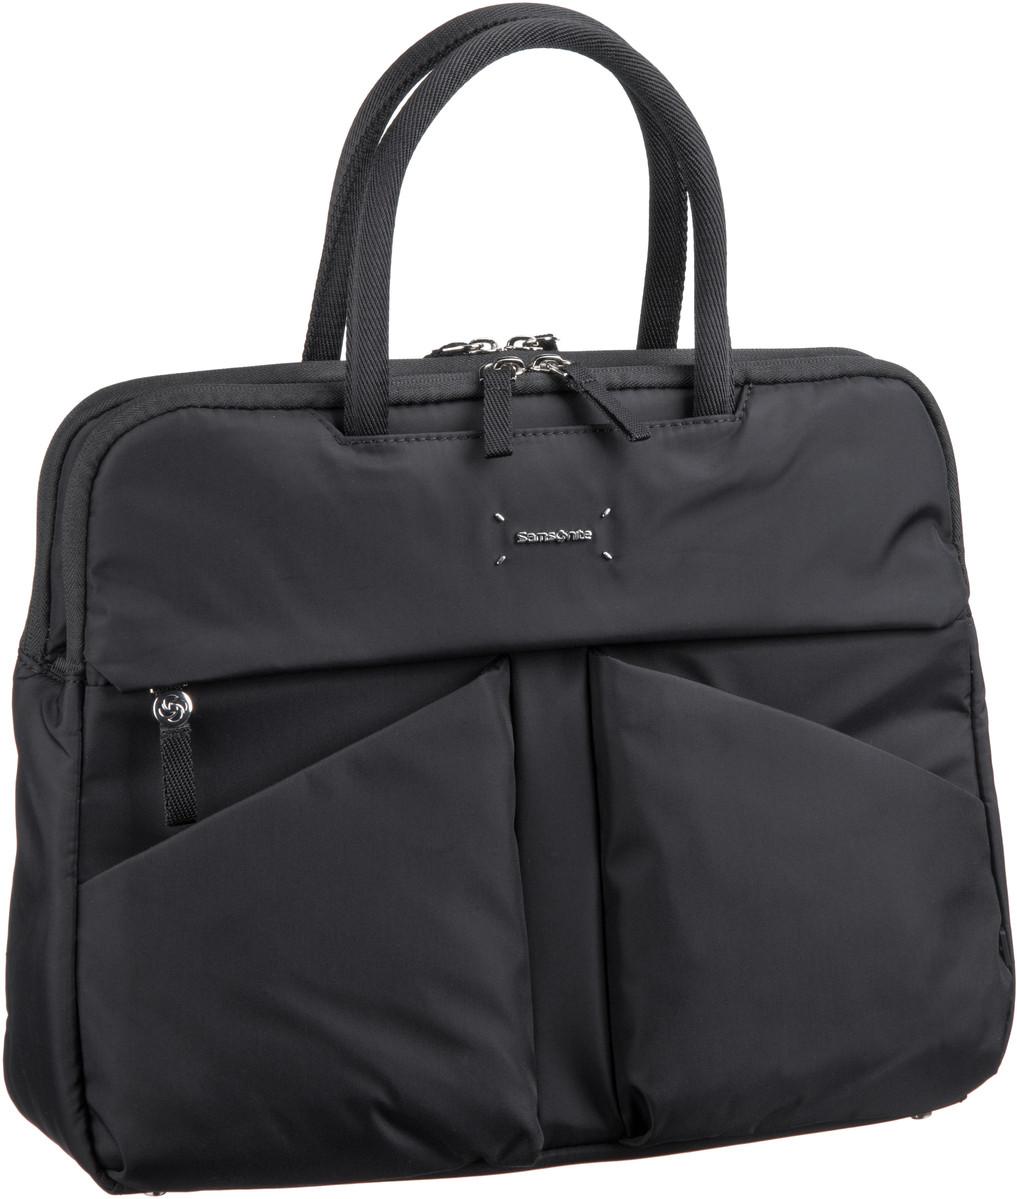 Businesstaschen für Frauen - Samsonite Lady Tech Bailhandle 14.1'' Black Aktentasche  - Onlineshop Taschenkaufhaus